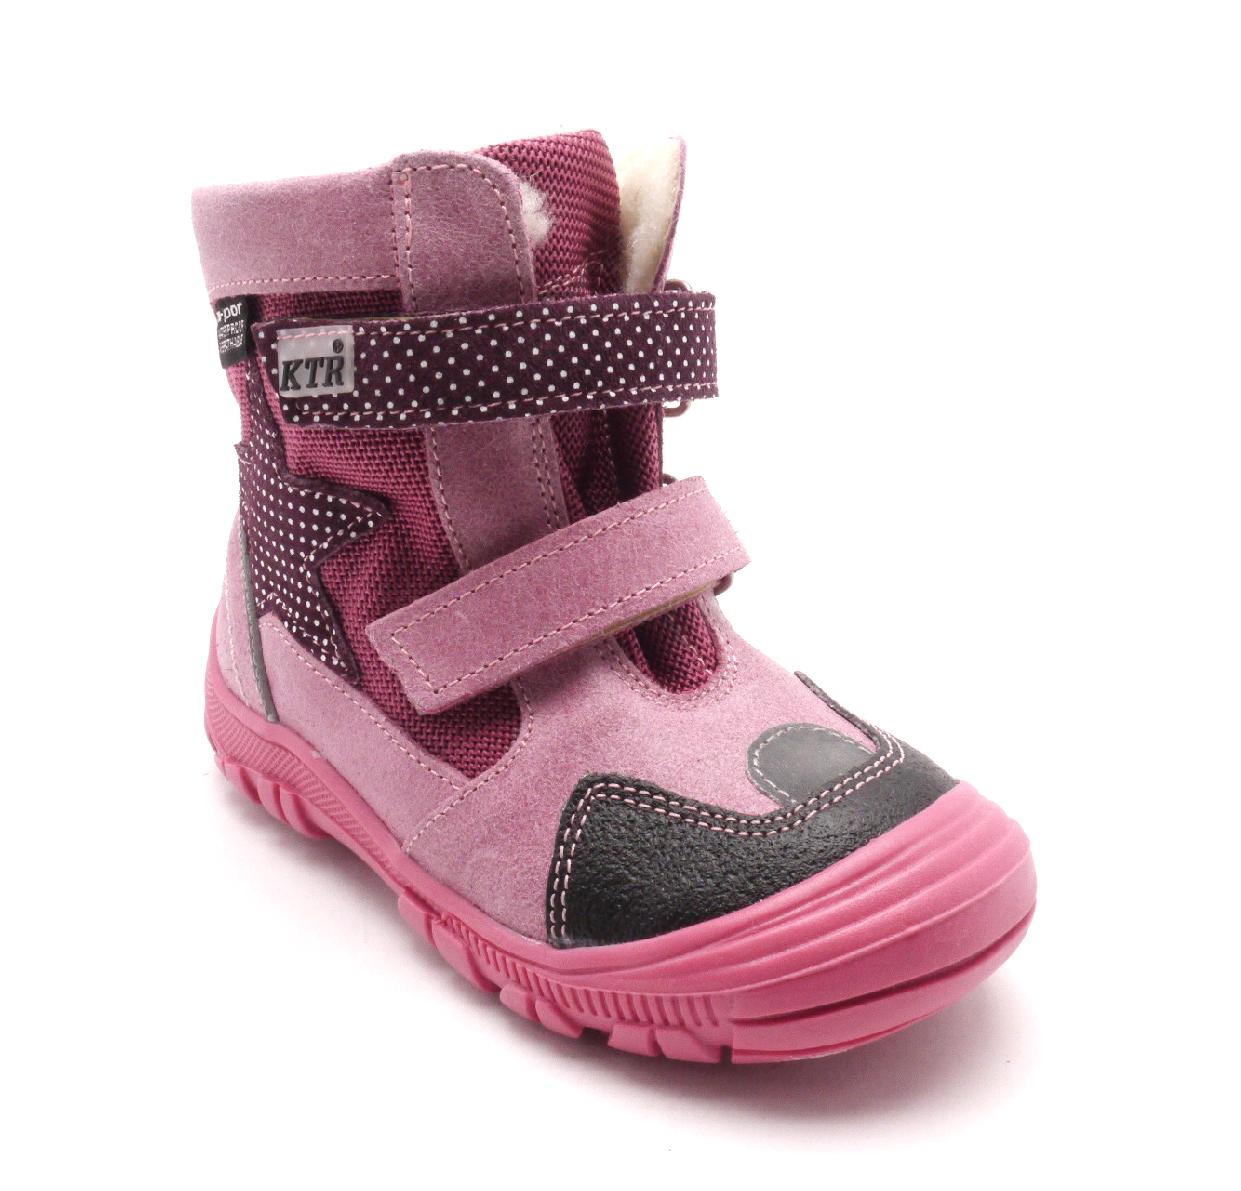 Konsorcium Dětská zimní obuv 315/1/N2 Fuxia Velikost: 23